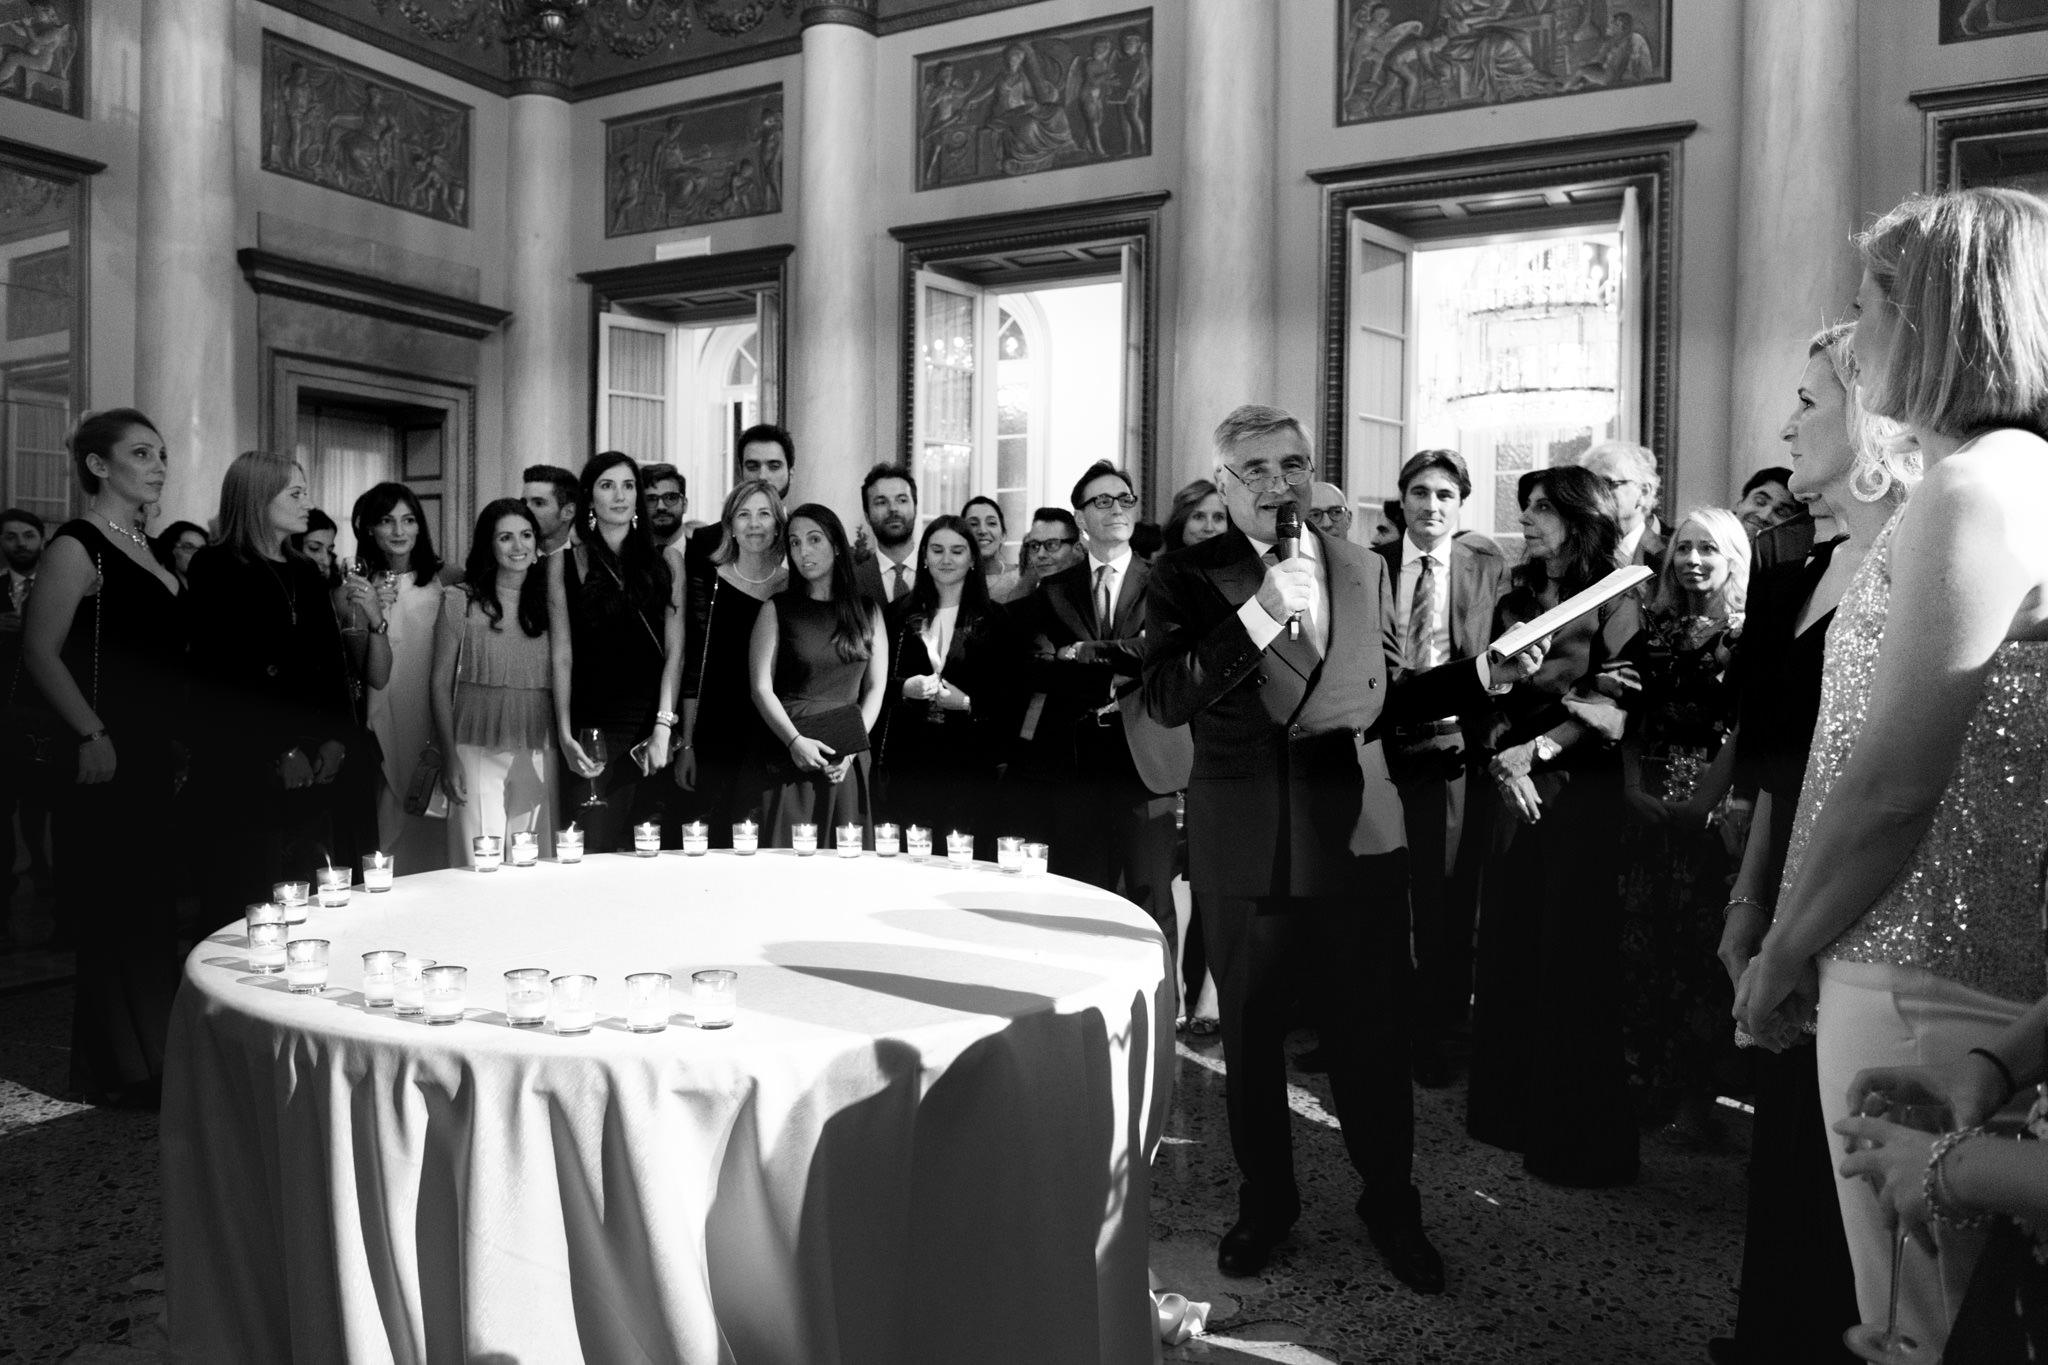 L'avvocato Enrico Raffaelli presenta gli ospiti illustri della serata